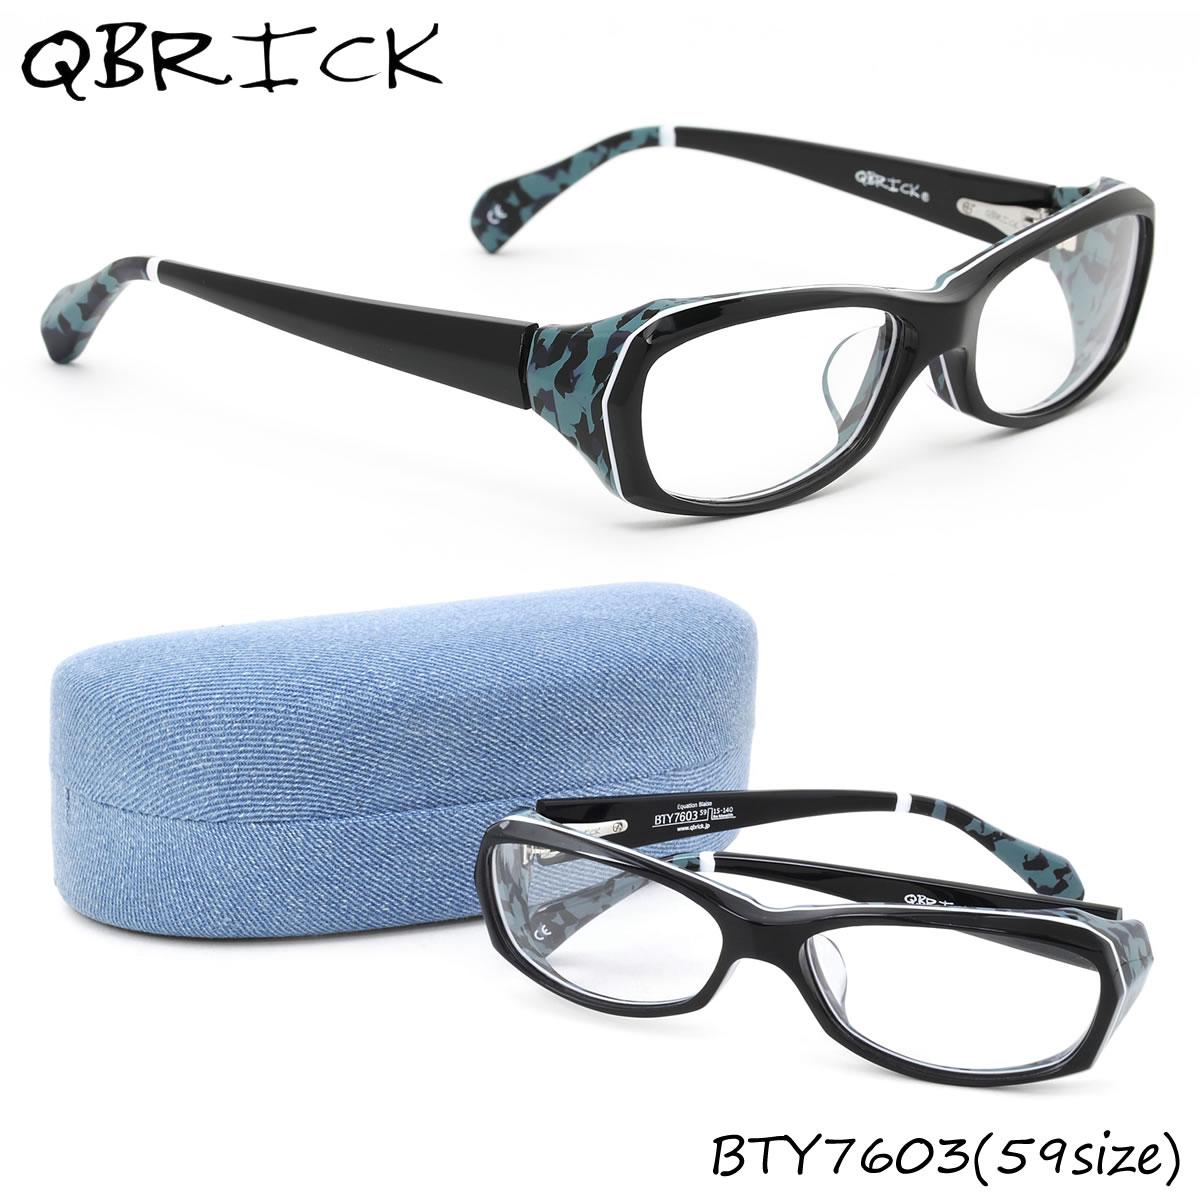 ほぼ全品ポイント15倍~最大43倍+3倍!お得なクーポンも! 【Qbrick】(キューブリック) メガネ フレーム BTY7603 59サイズ スクエア BLAISE ブレーズキューブリック QBRICK メンズ レディース